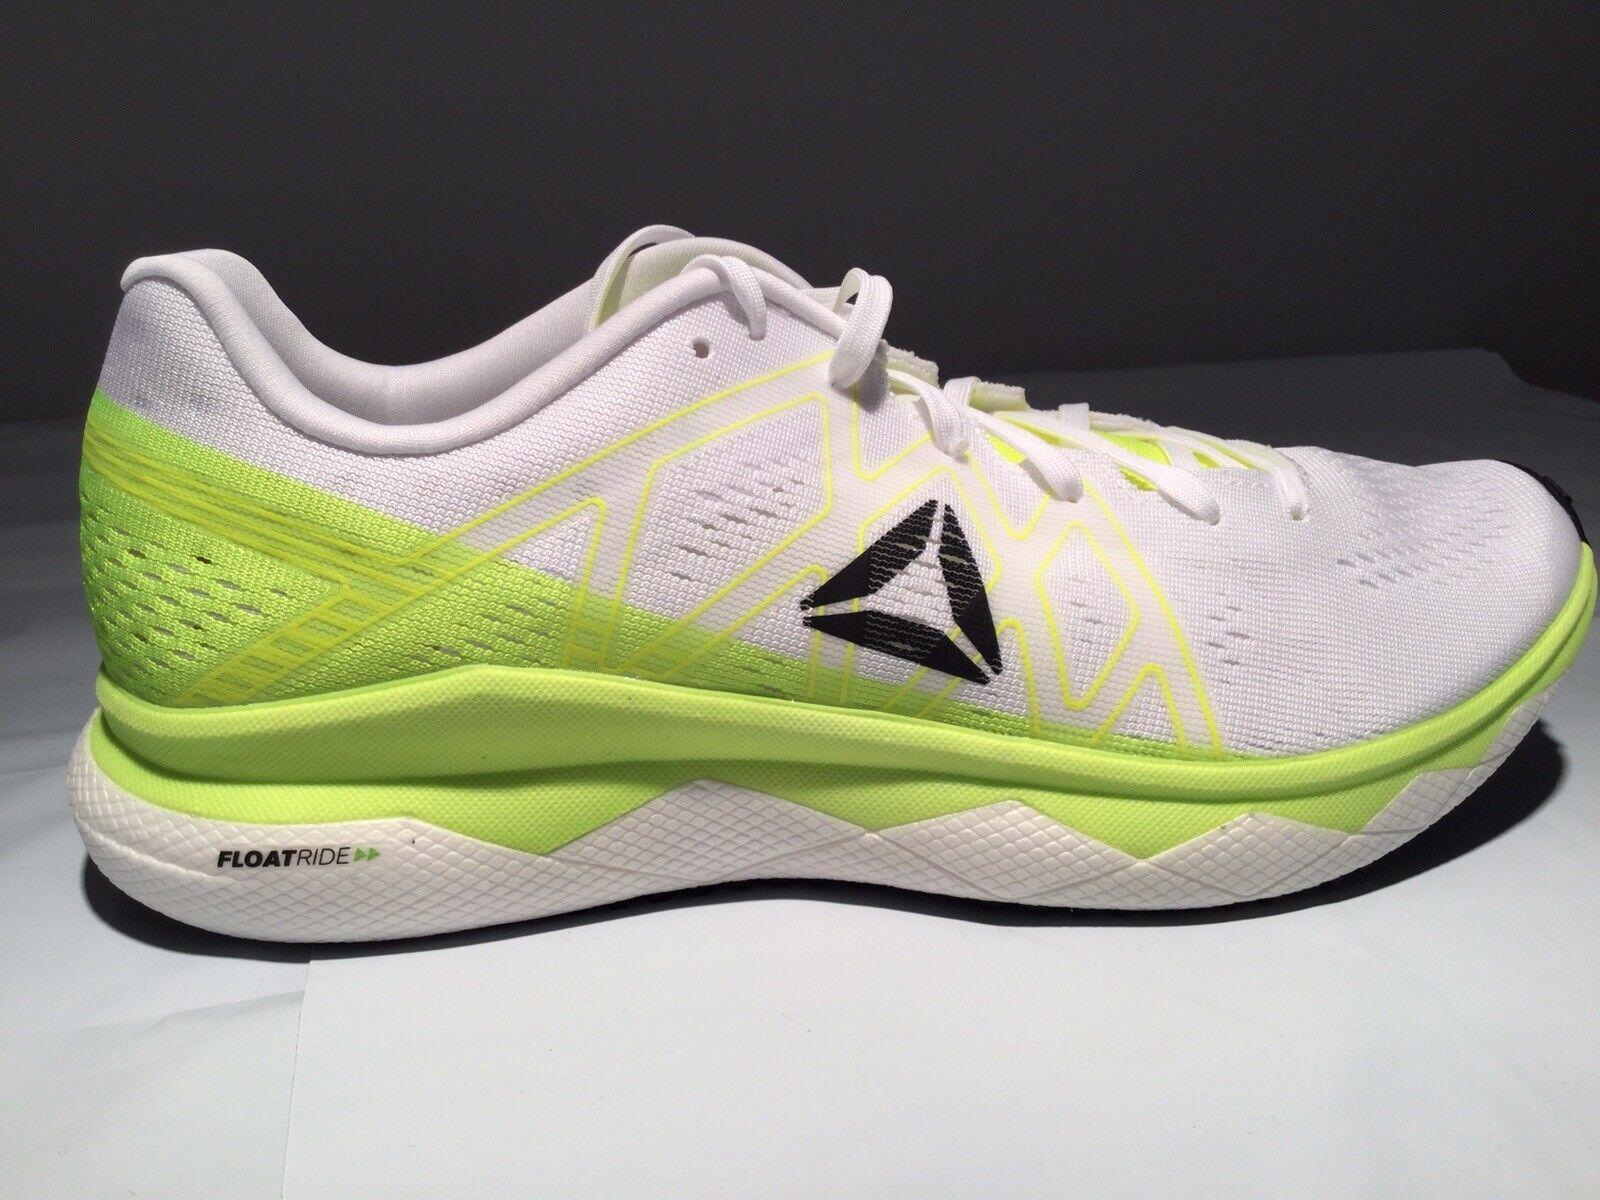 Reebok Floatride Run Fast women's shoes, size 7.5